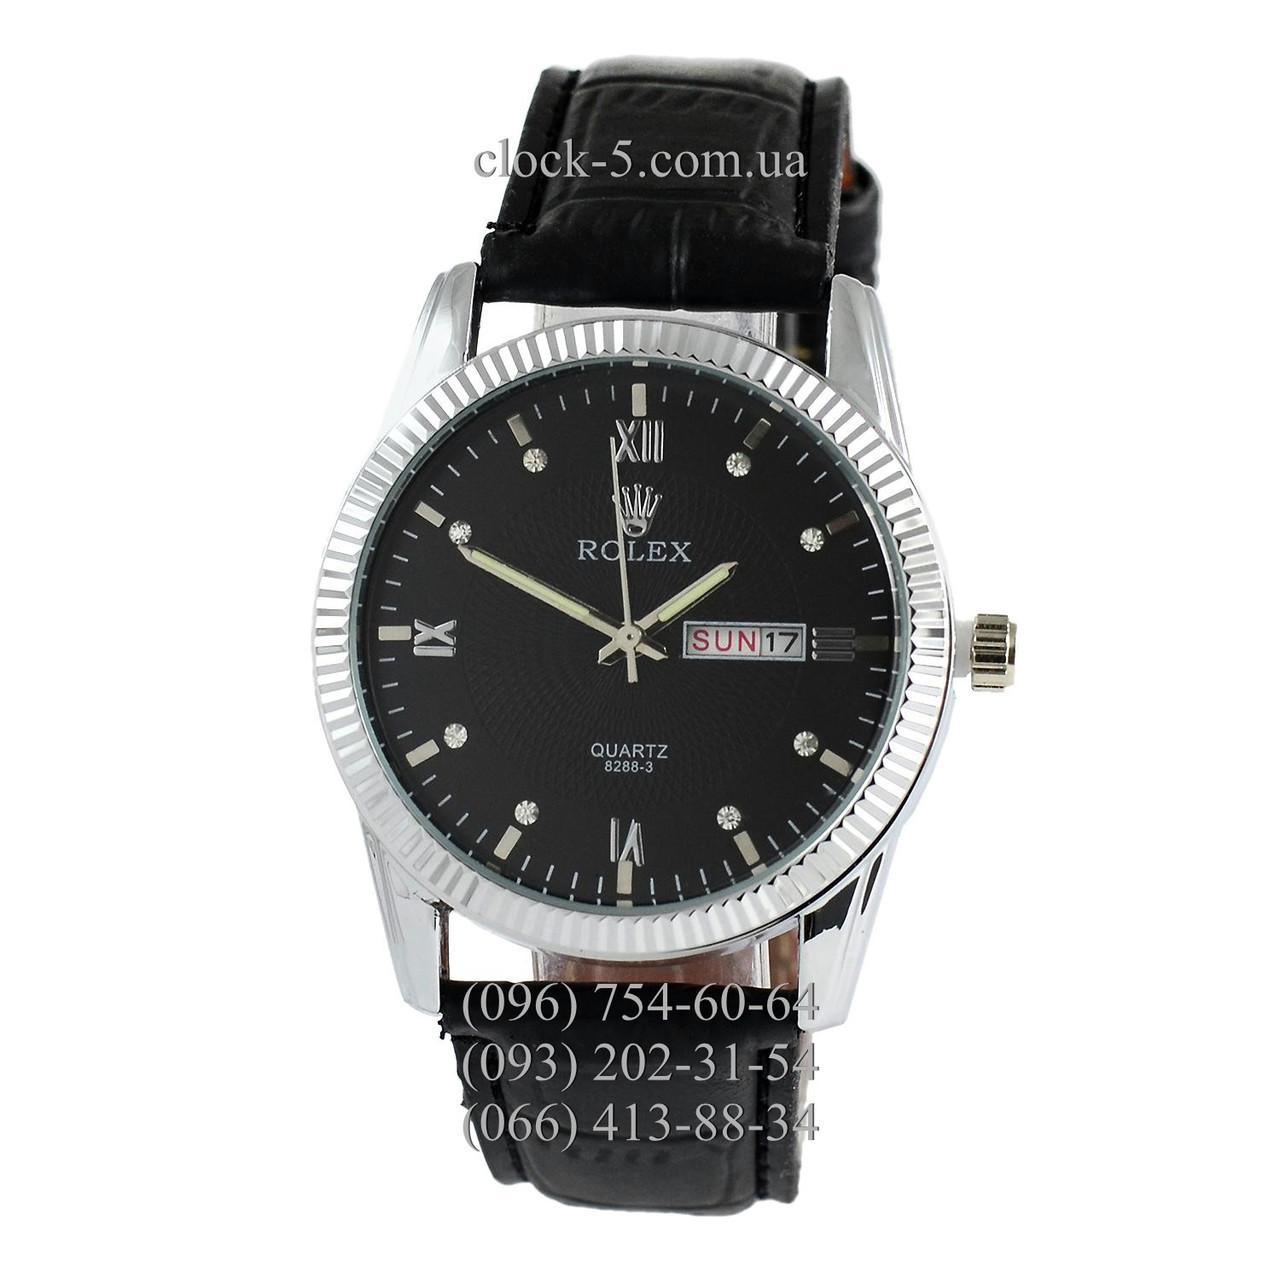 Купить часы в китайском веб магазине купить